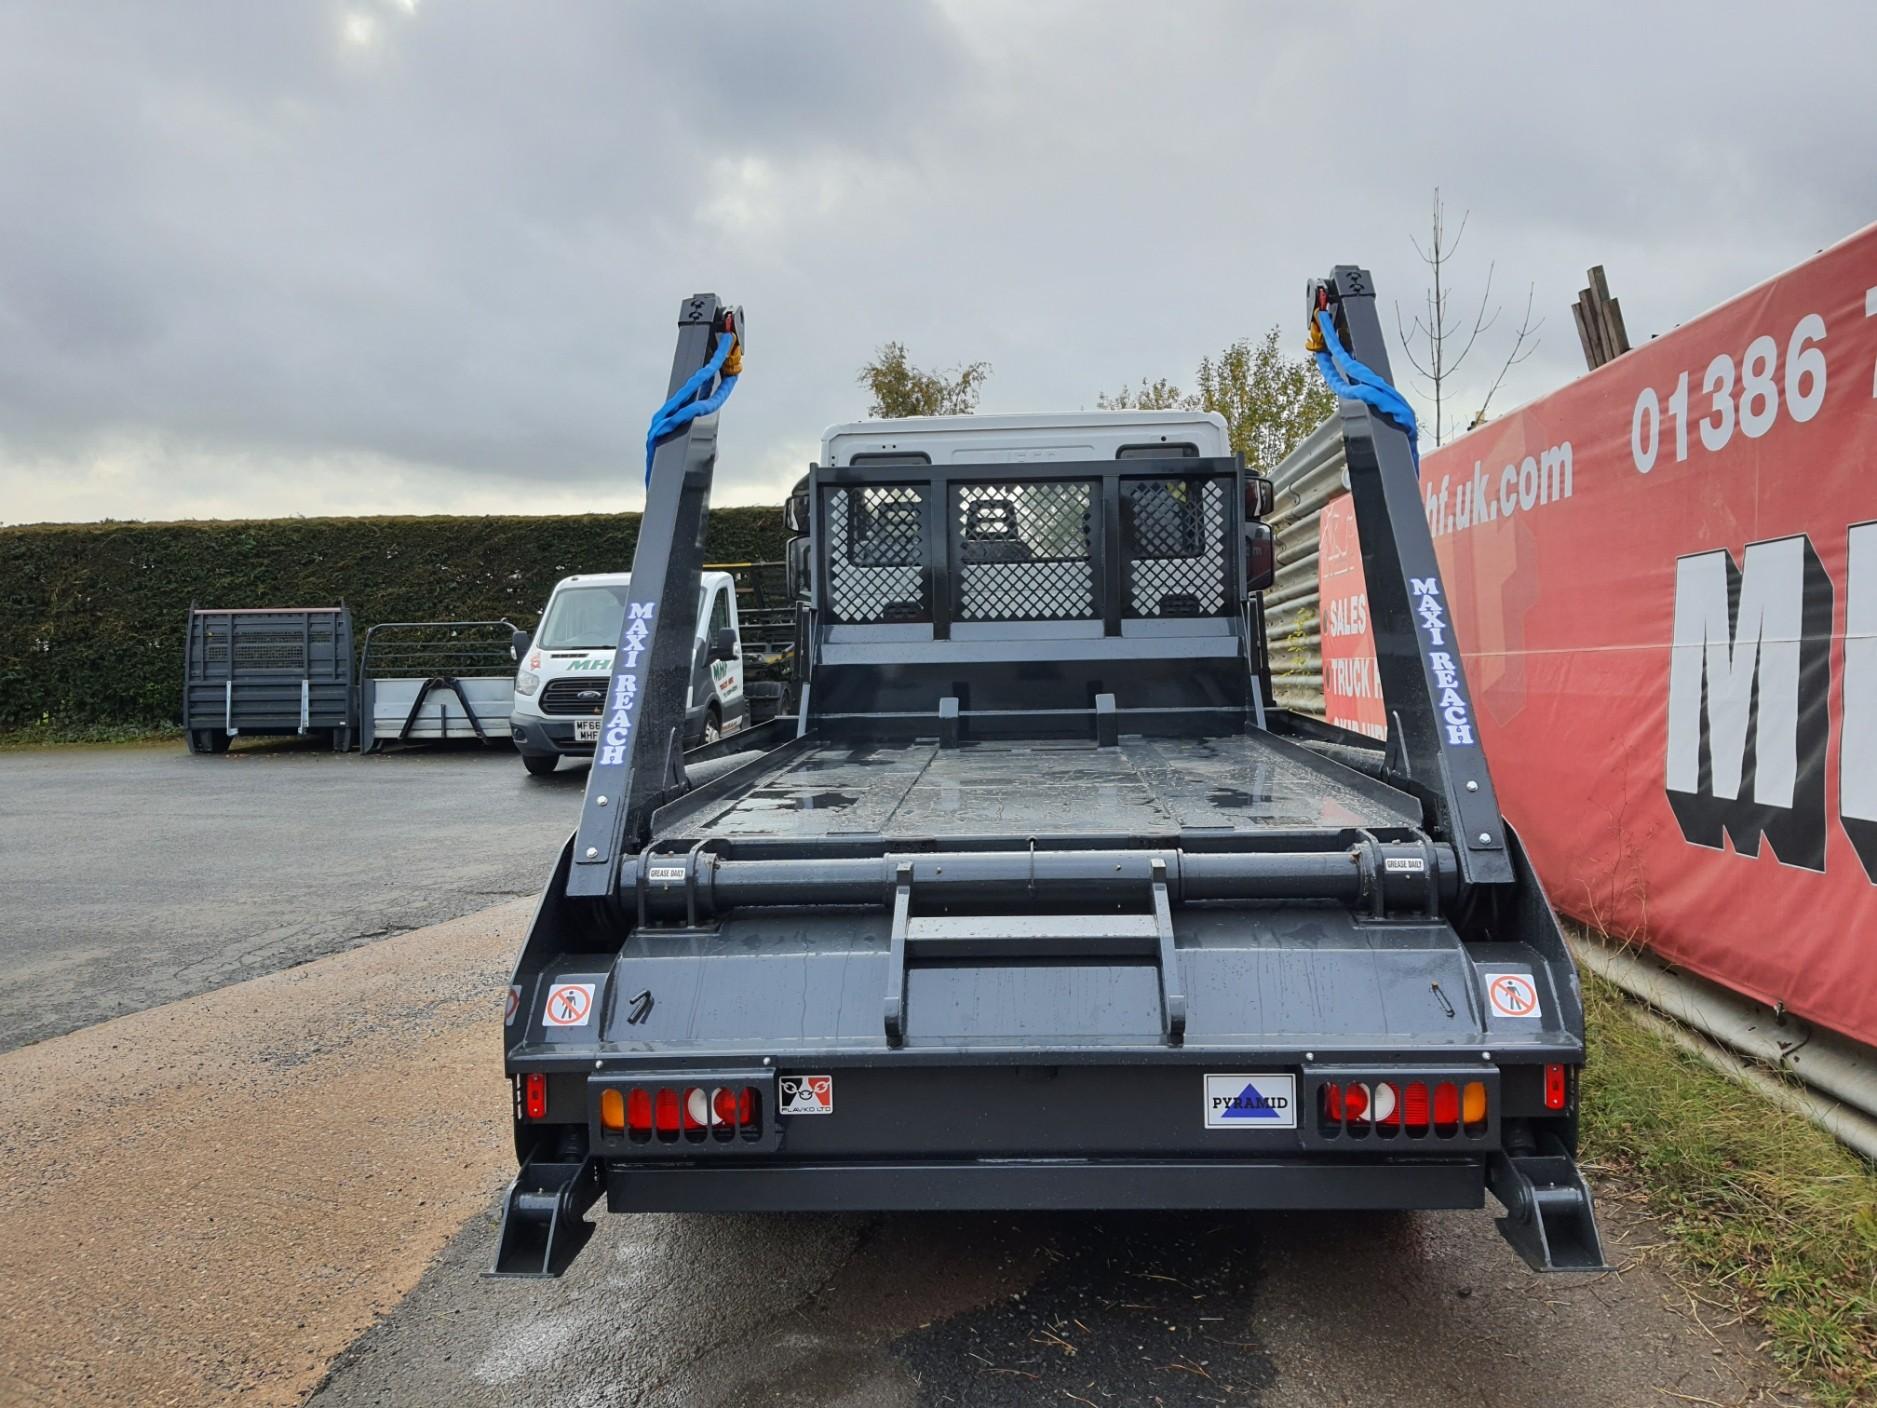 2020 Iveco ML75E16 4x2 7500kgs unregistered   MHF